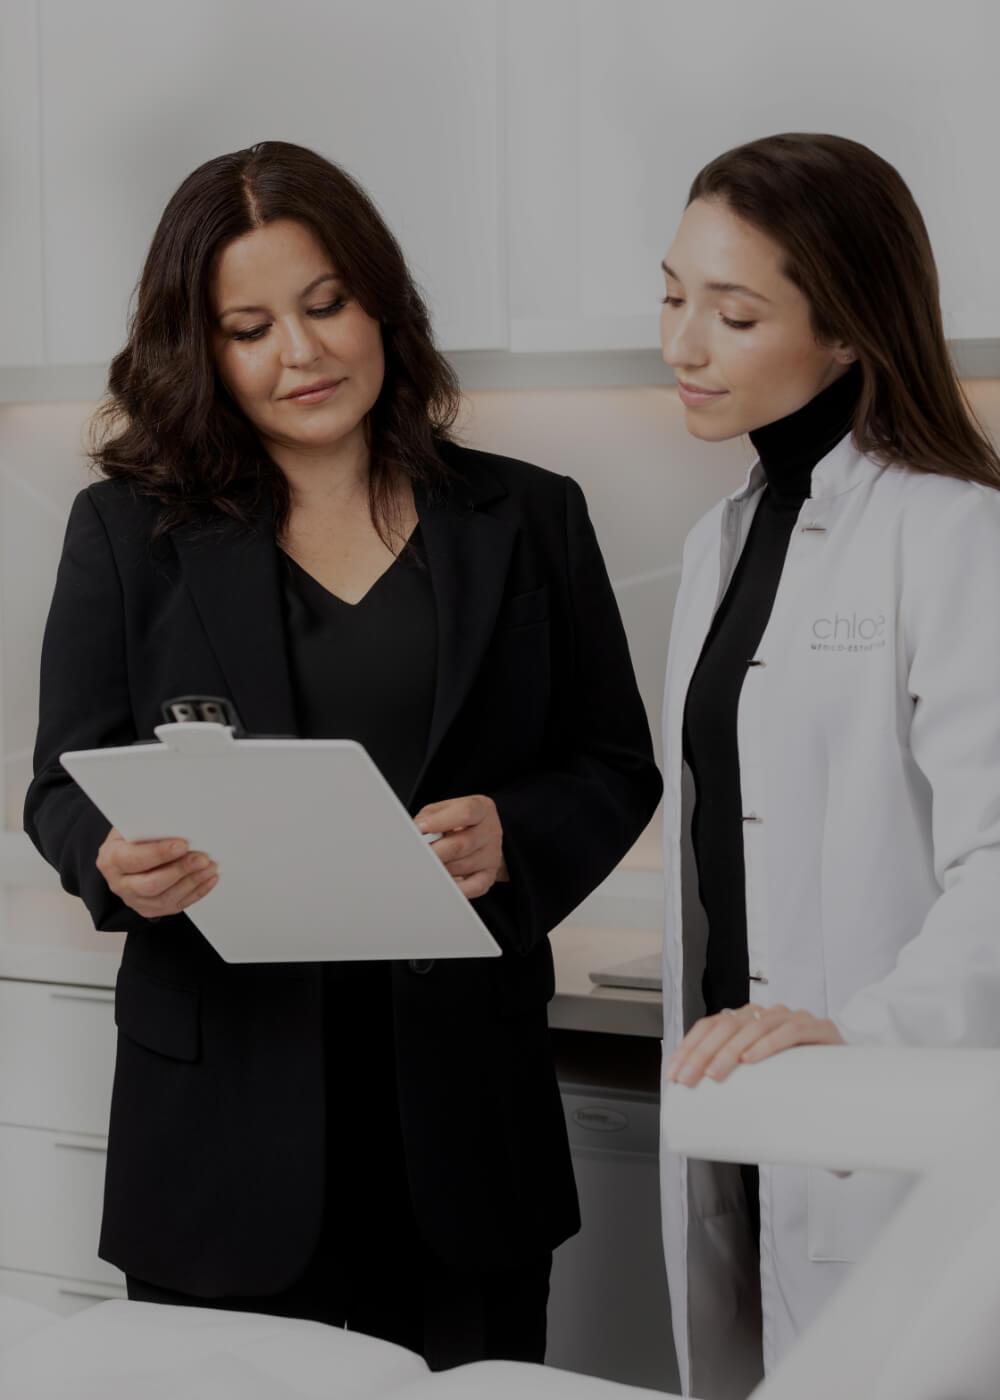 Deux professionnels de la Clinique Chloé discutant d'un dossier